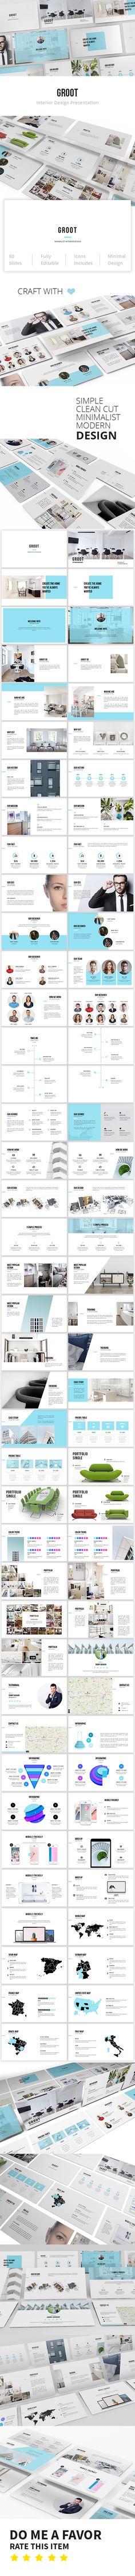 Groot - Interior Design Powerpoint Presentation